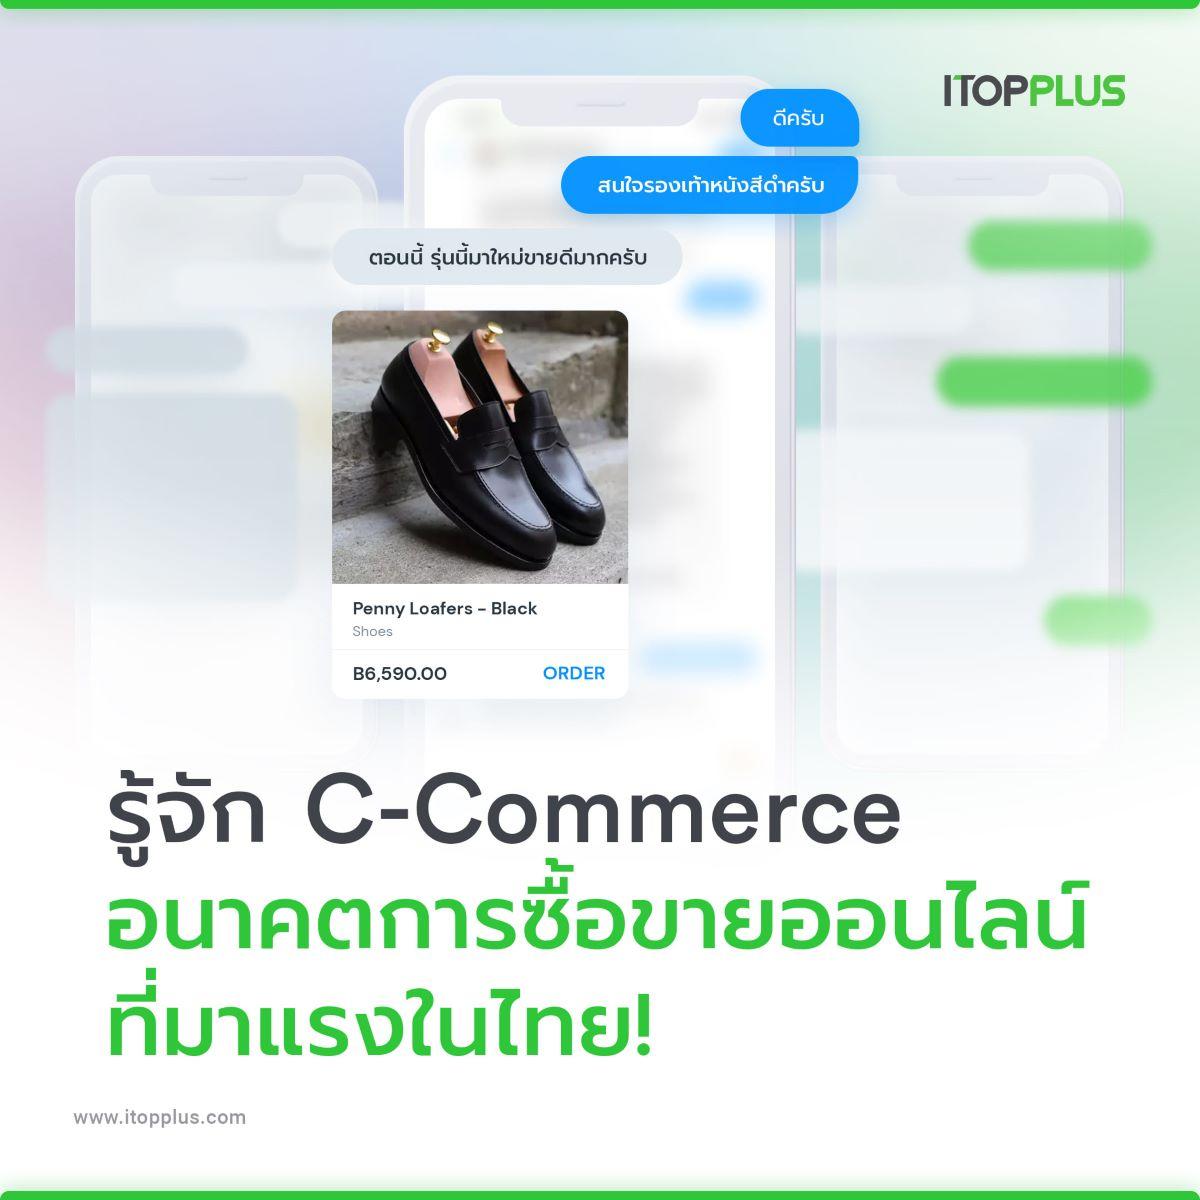 C-Commerce อนาคตการซื้อขายออนไลน์ ที่มาแรงในไทย